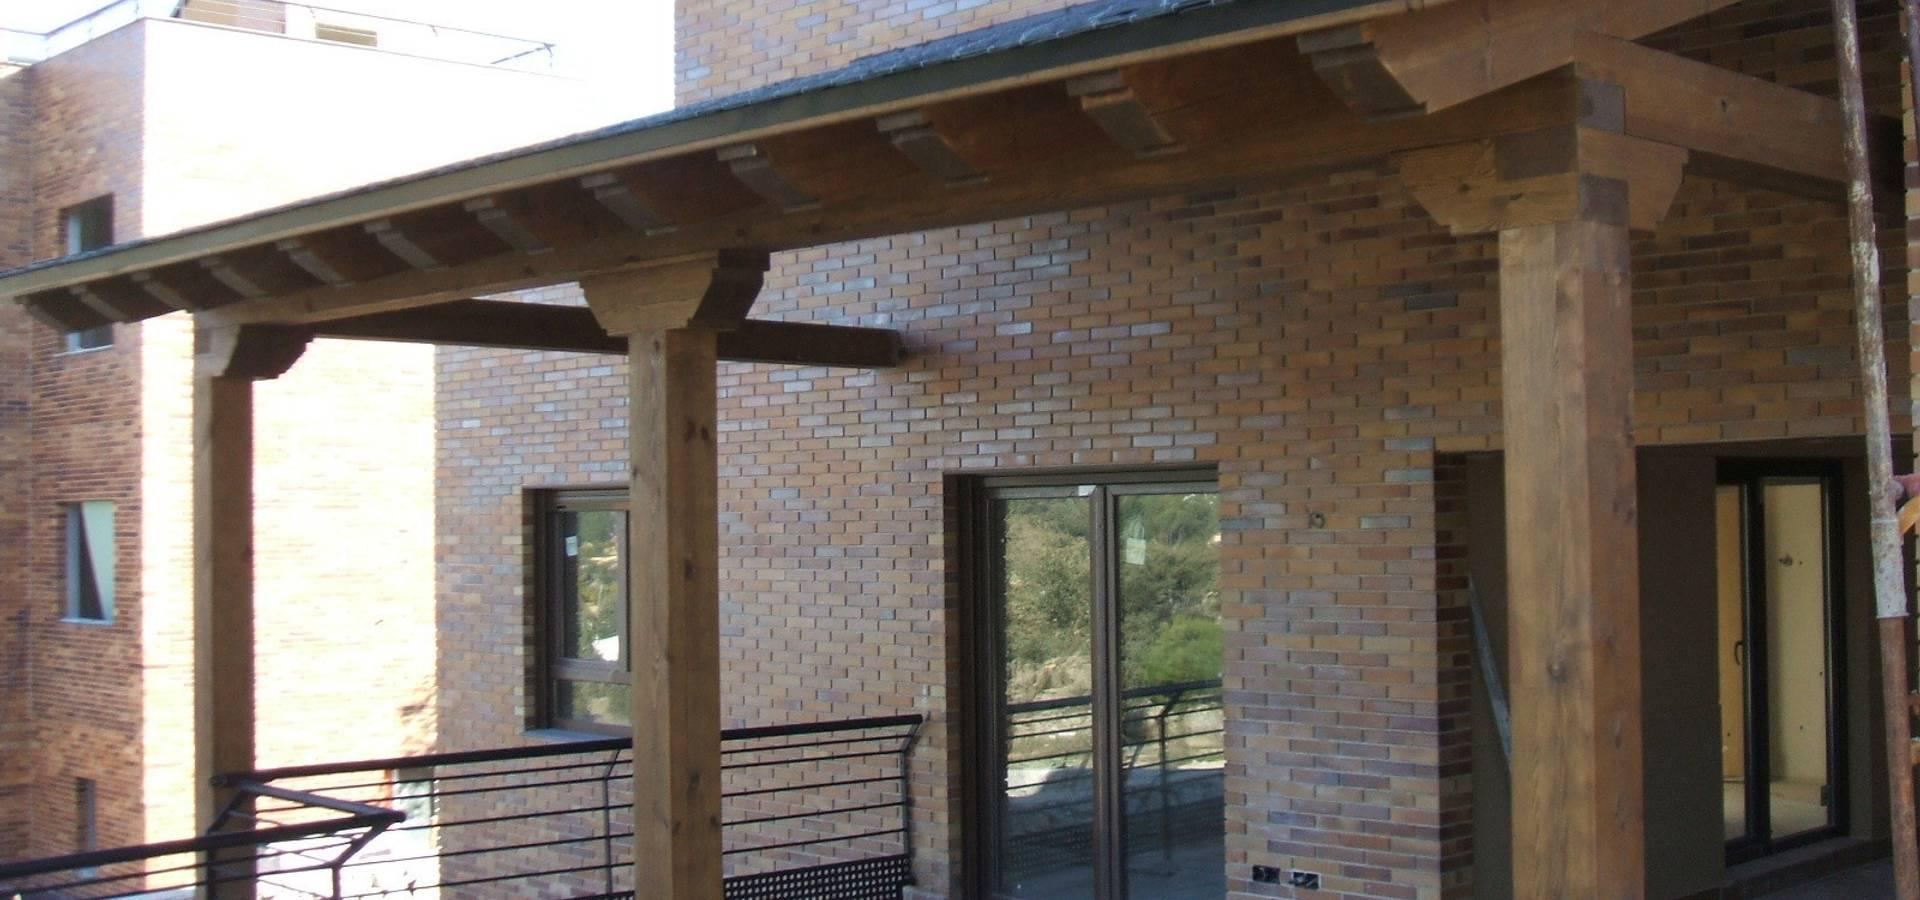 Porches di valsain porche y jardin homify for Valsain porche y jardin